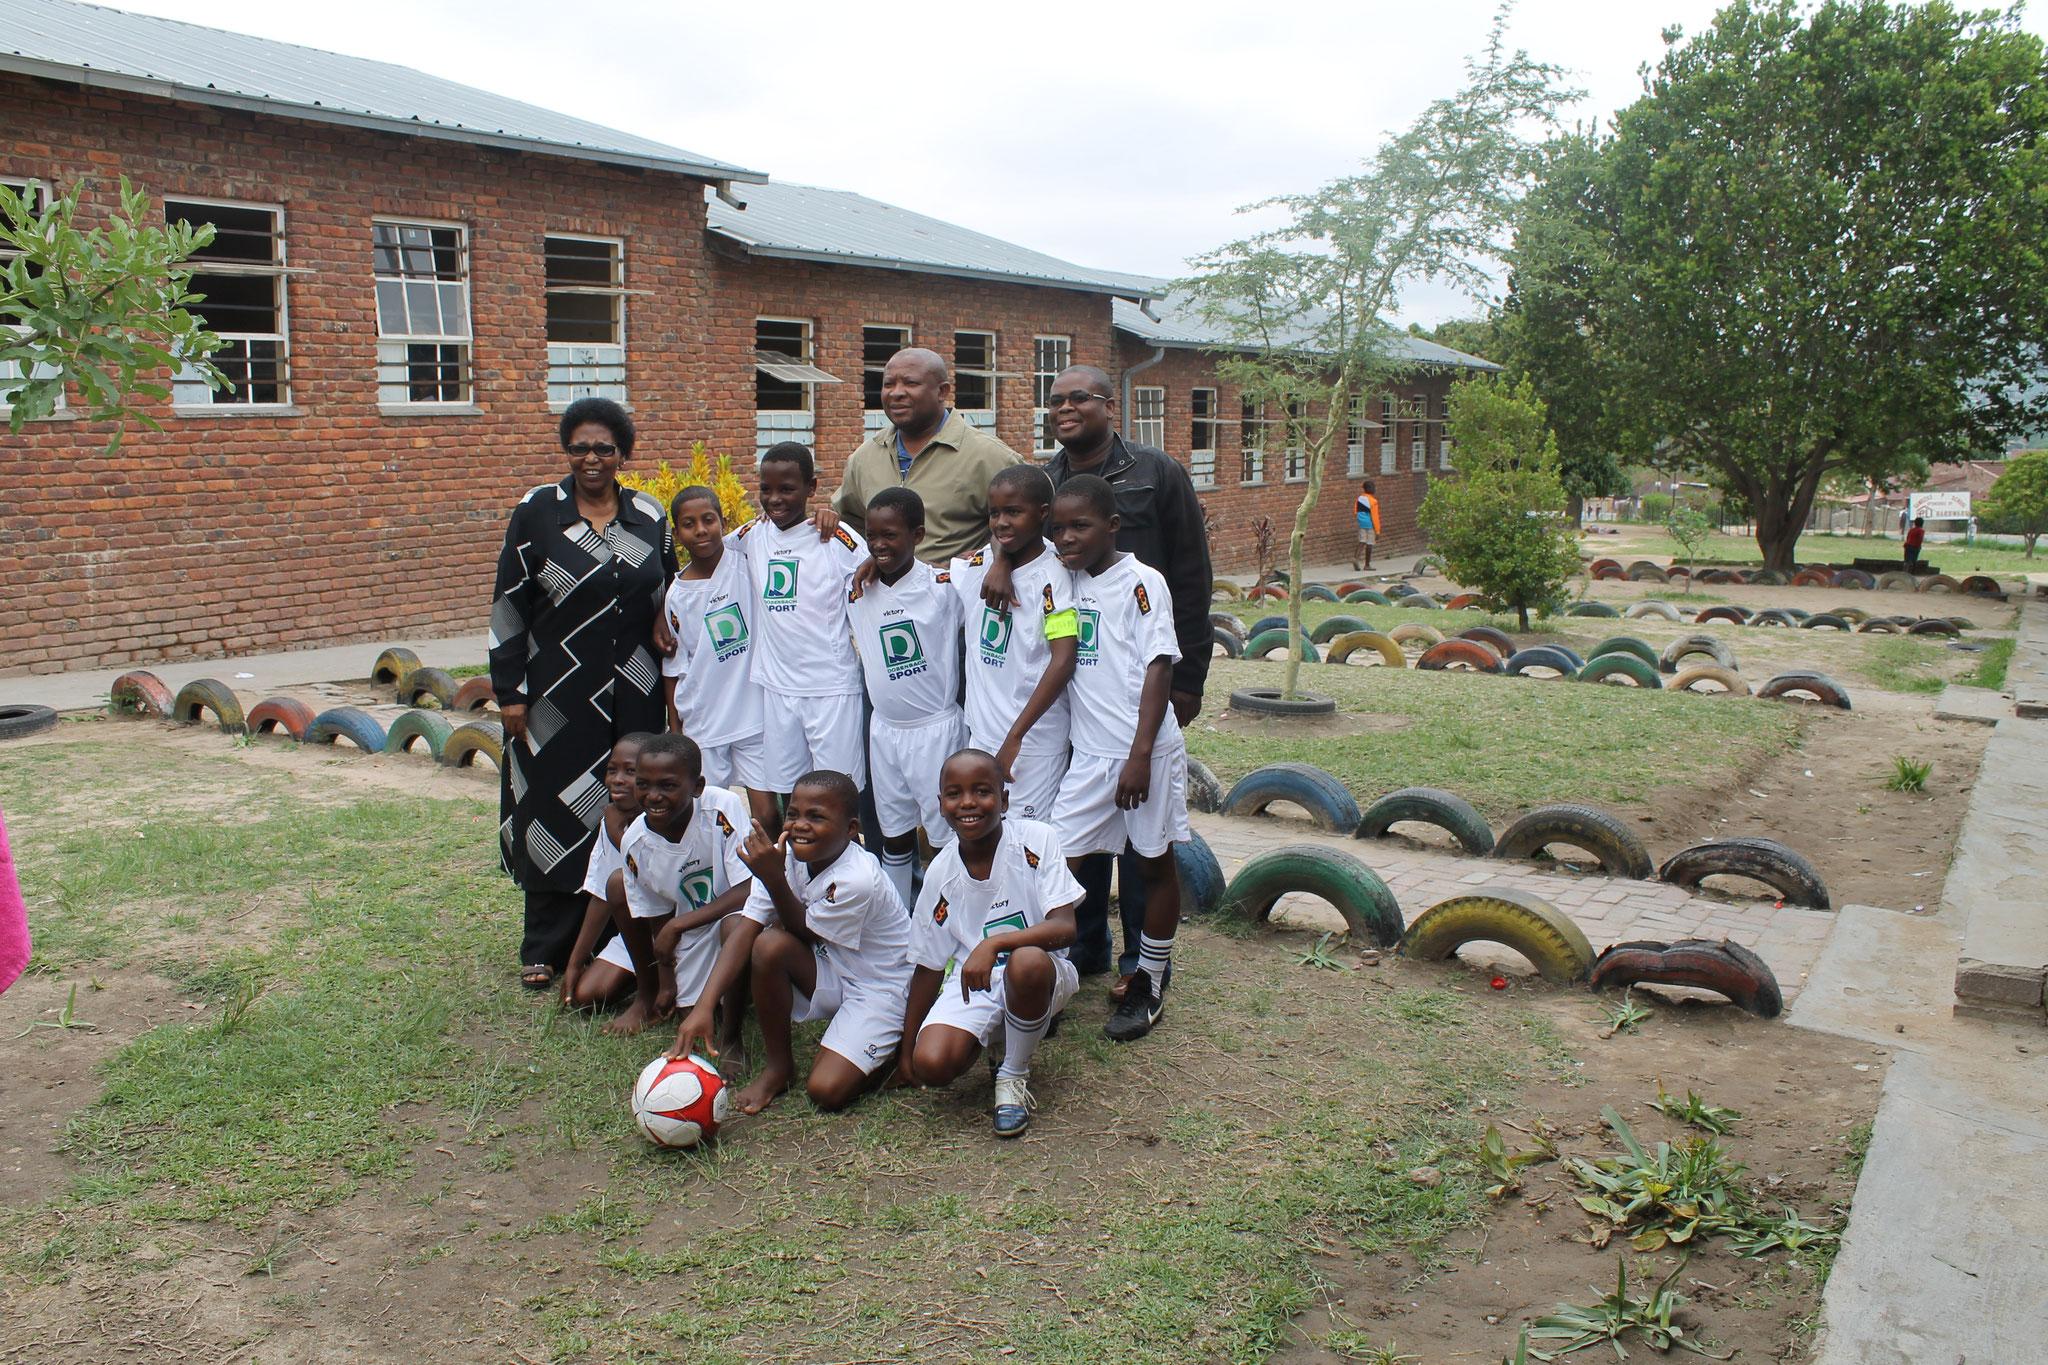 Sandzile Primary School Mannschaft mit Rektorin und Trainer